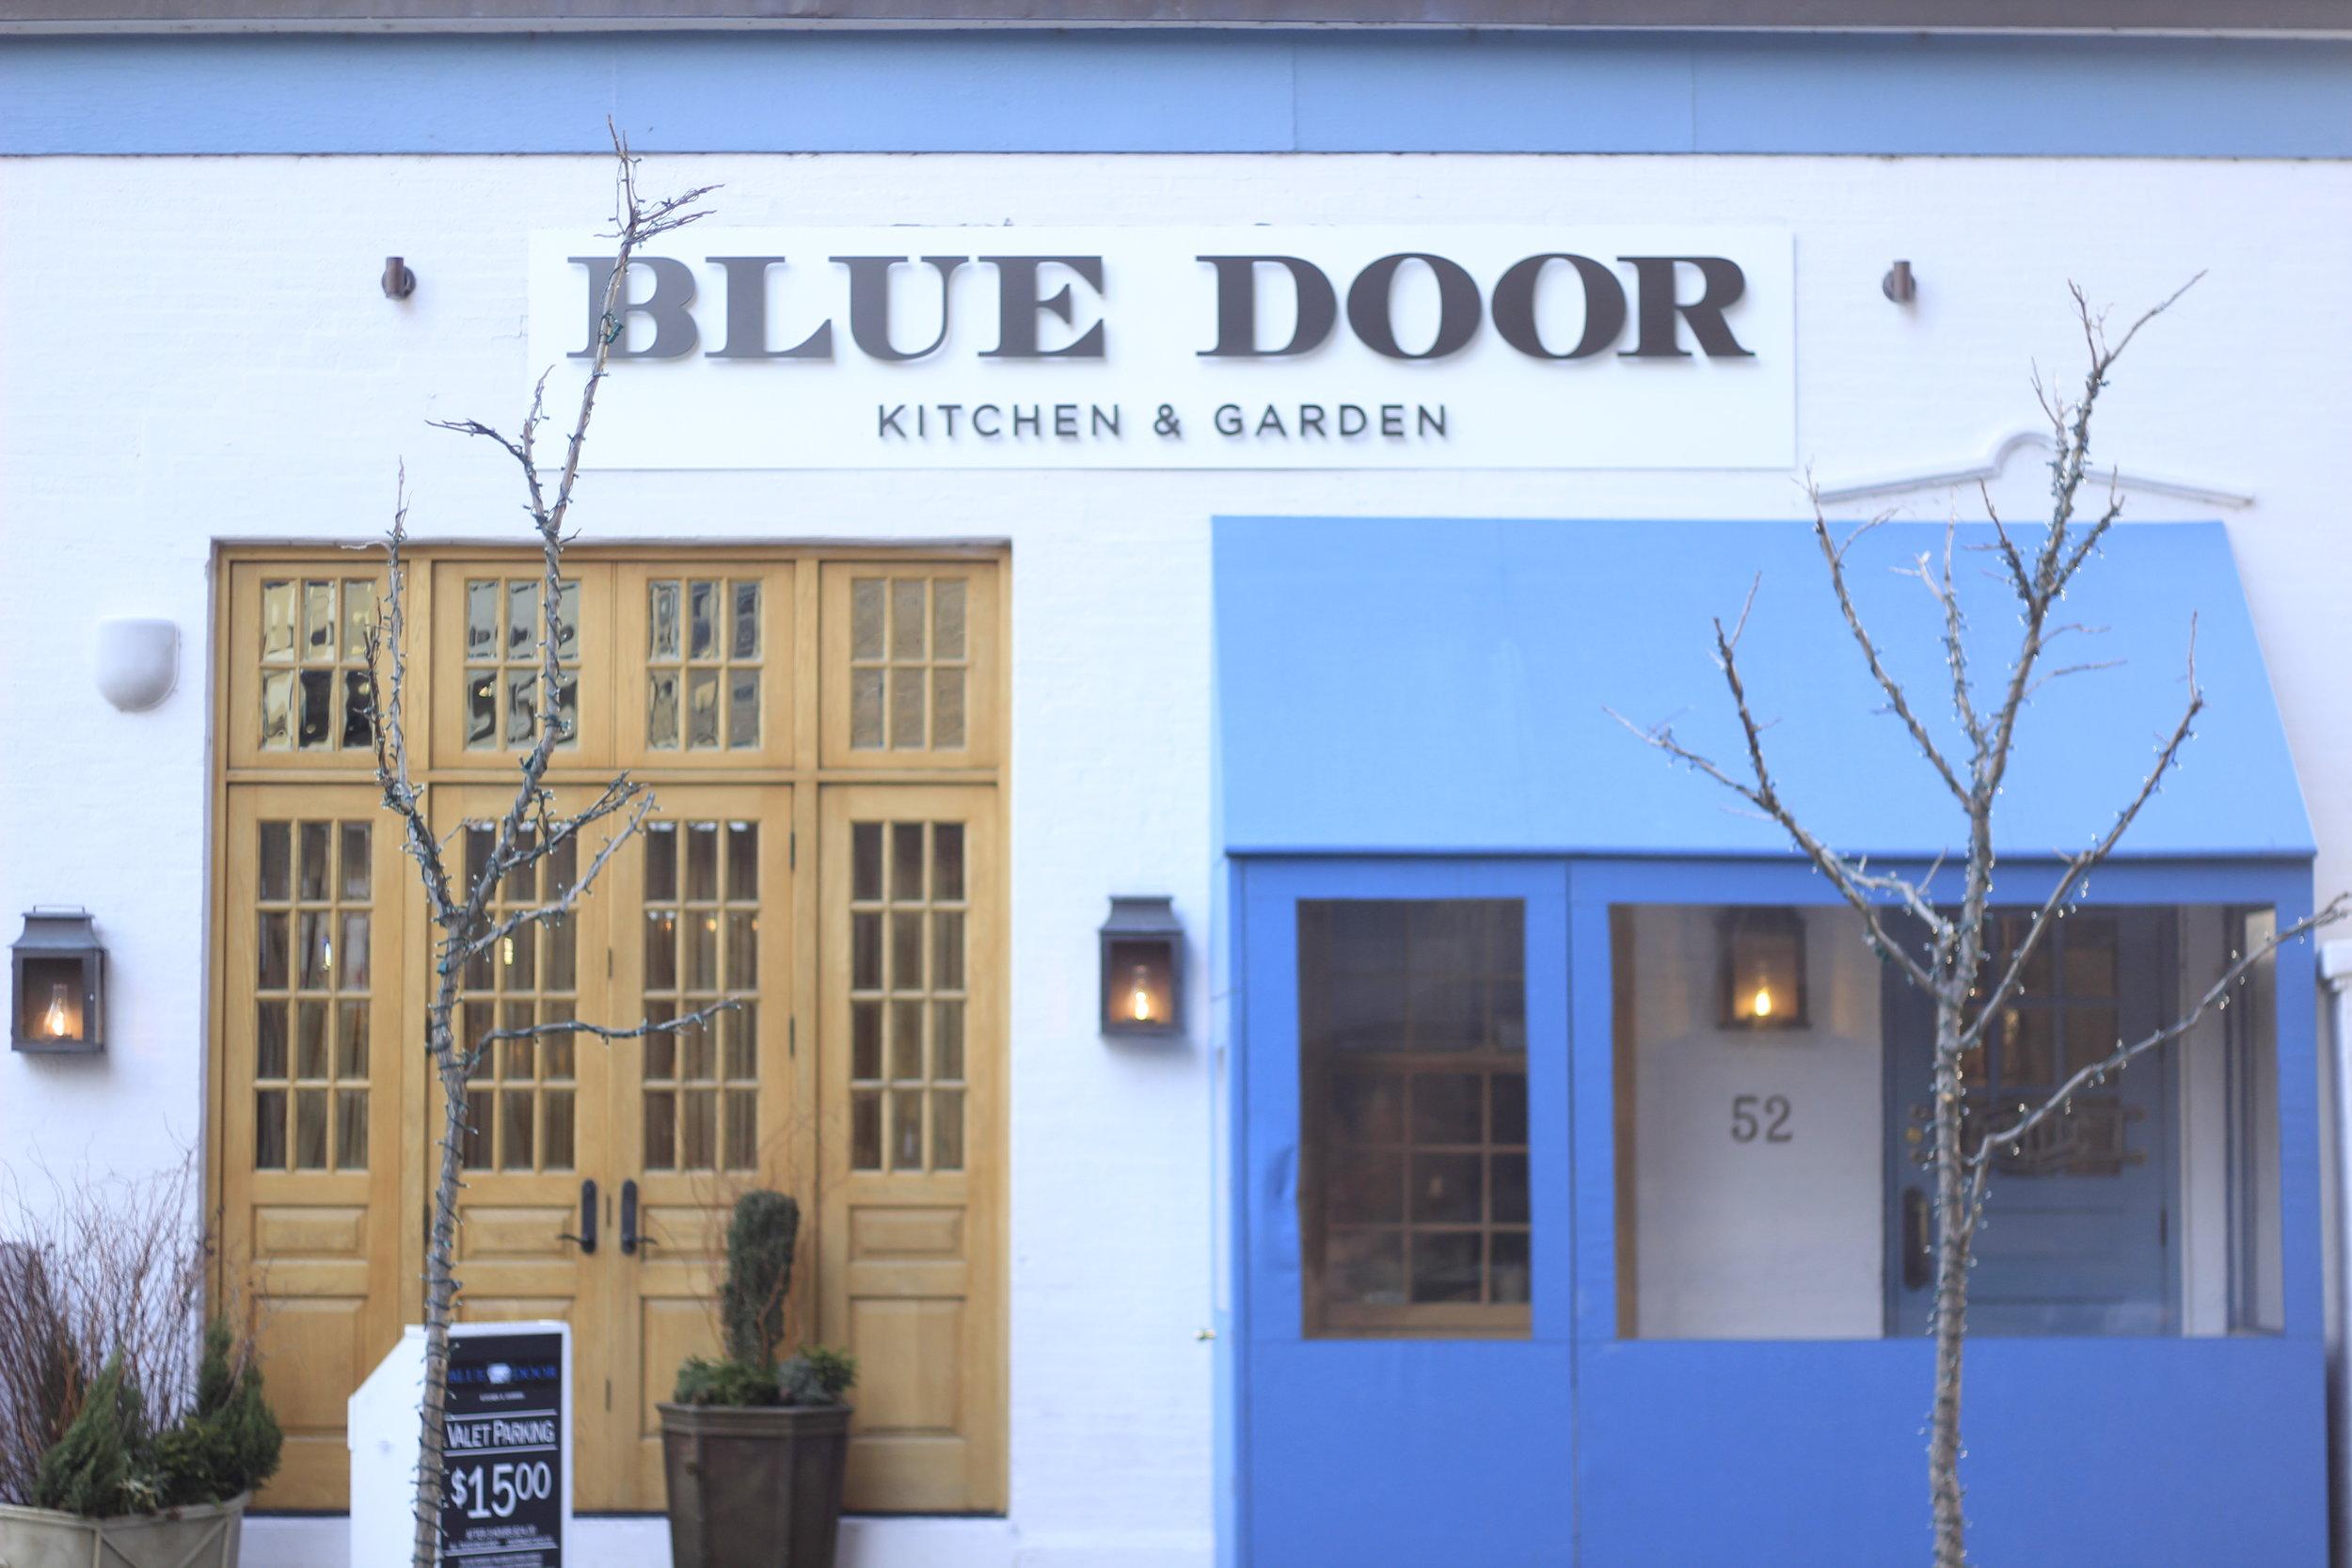 The Blue Door, Chicago